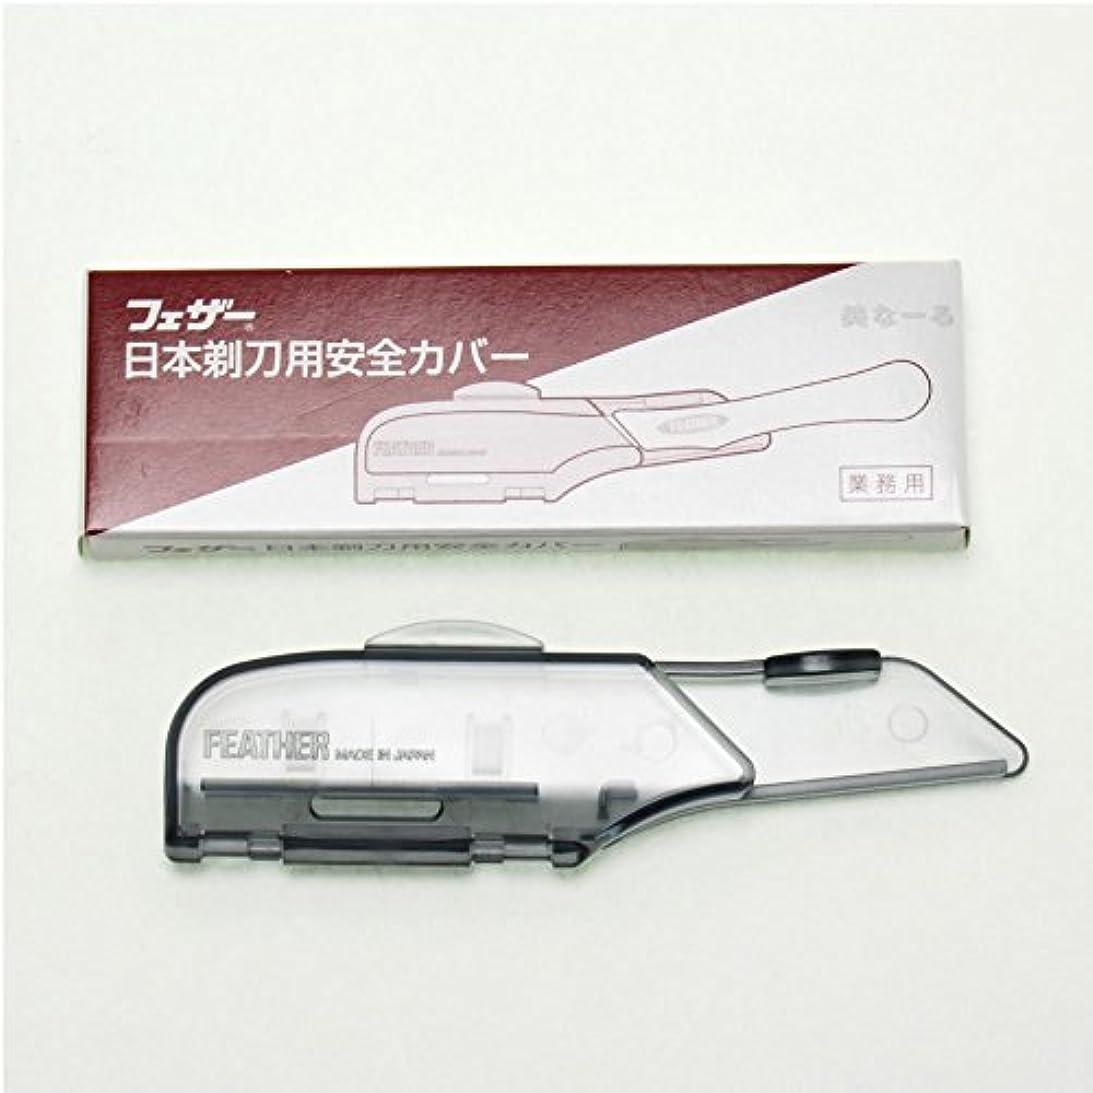 イヤホン含める全部業務用 フェザー日本剃刀用安全カバー NC-300